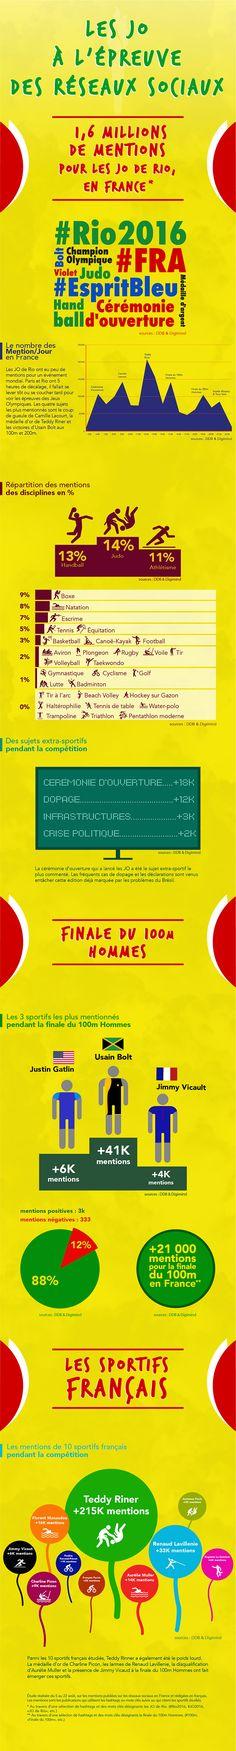 Quel était le contenu des 1,6 million de mentions social media émises depuis la France ? Les jeux olympiques de #rio2016 et les #reseauxsociaux